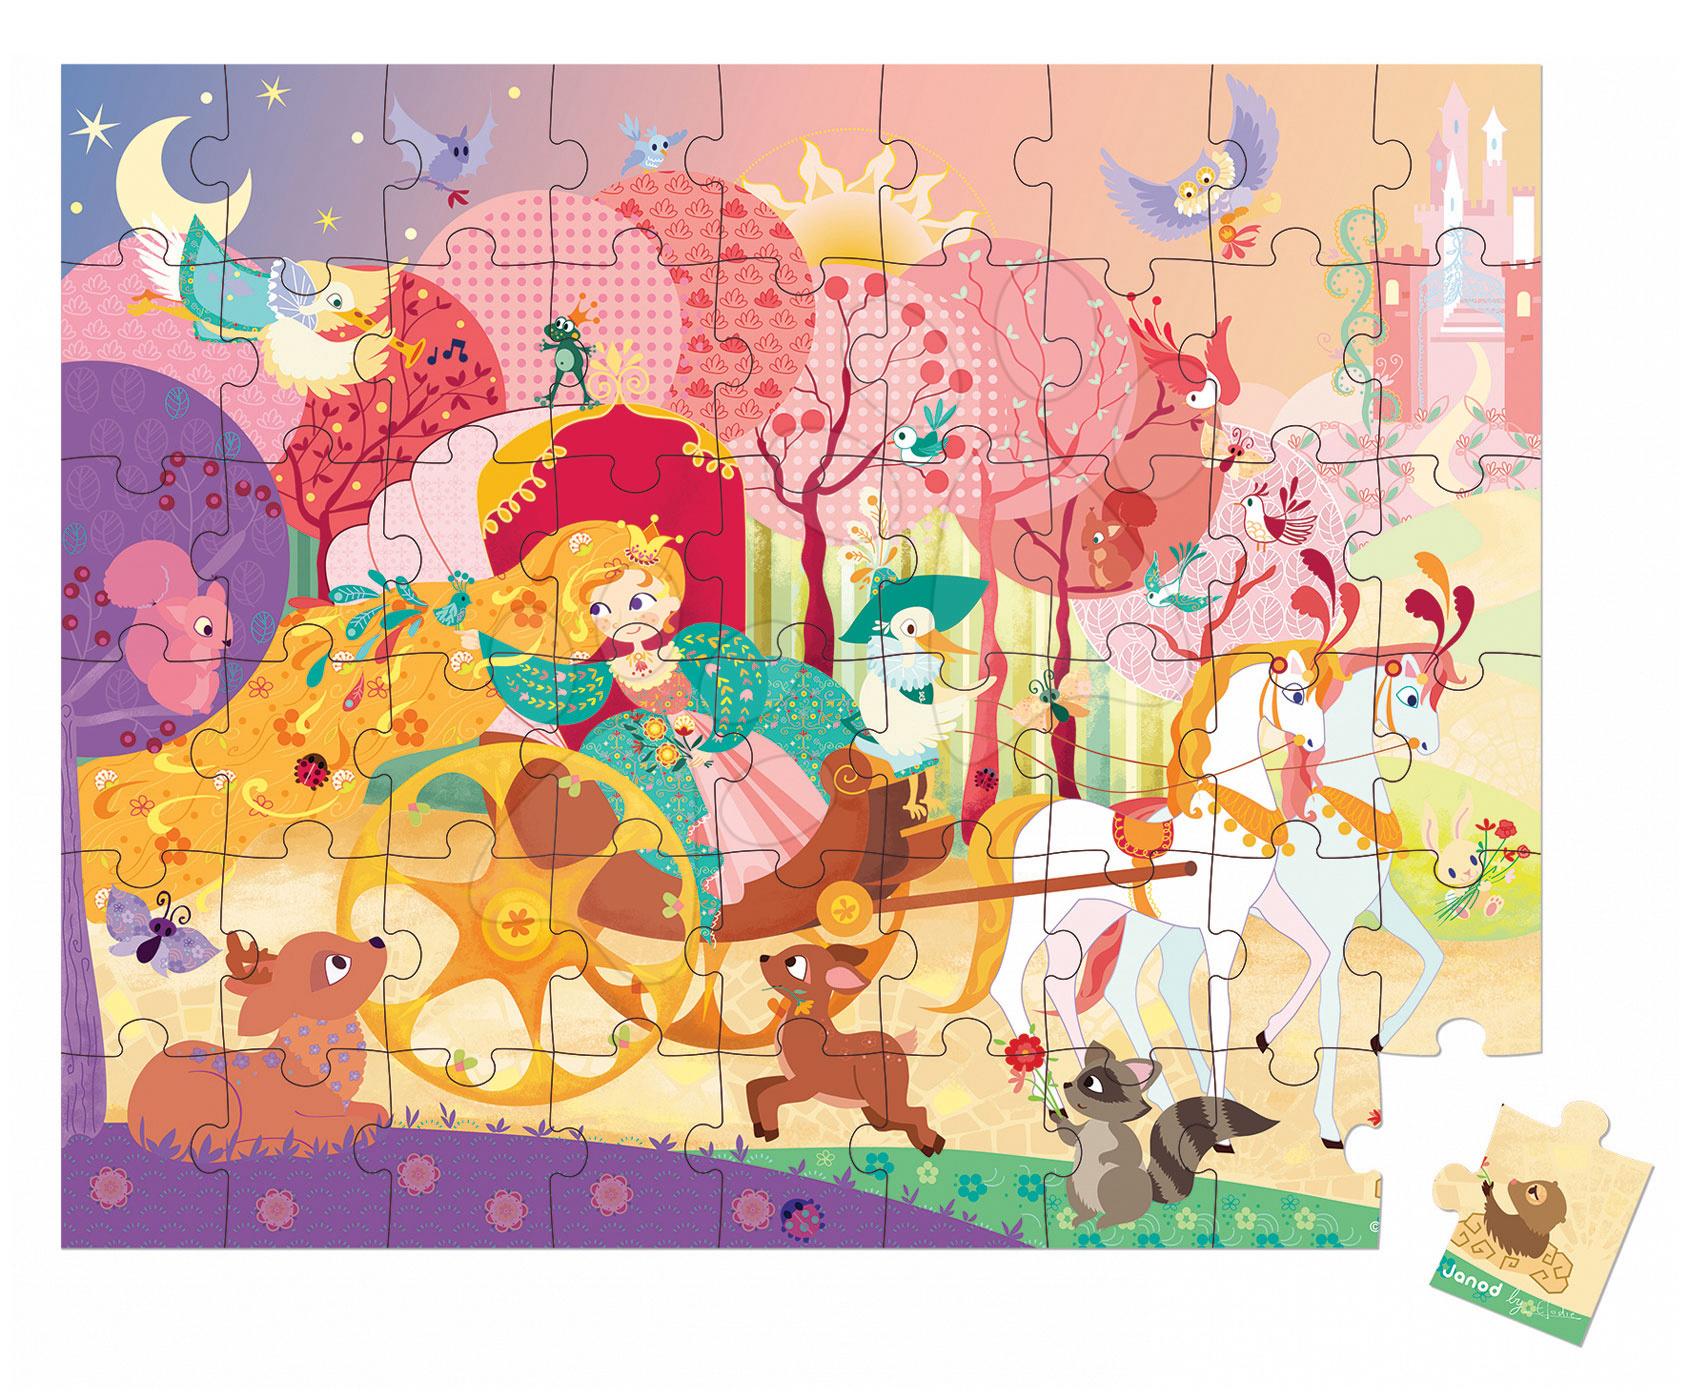 Detské puzzle do 100 dielov - Puzzle Princezná a koč Janod v okrúhlom kufríku 54 dielov od 5 rokov